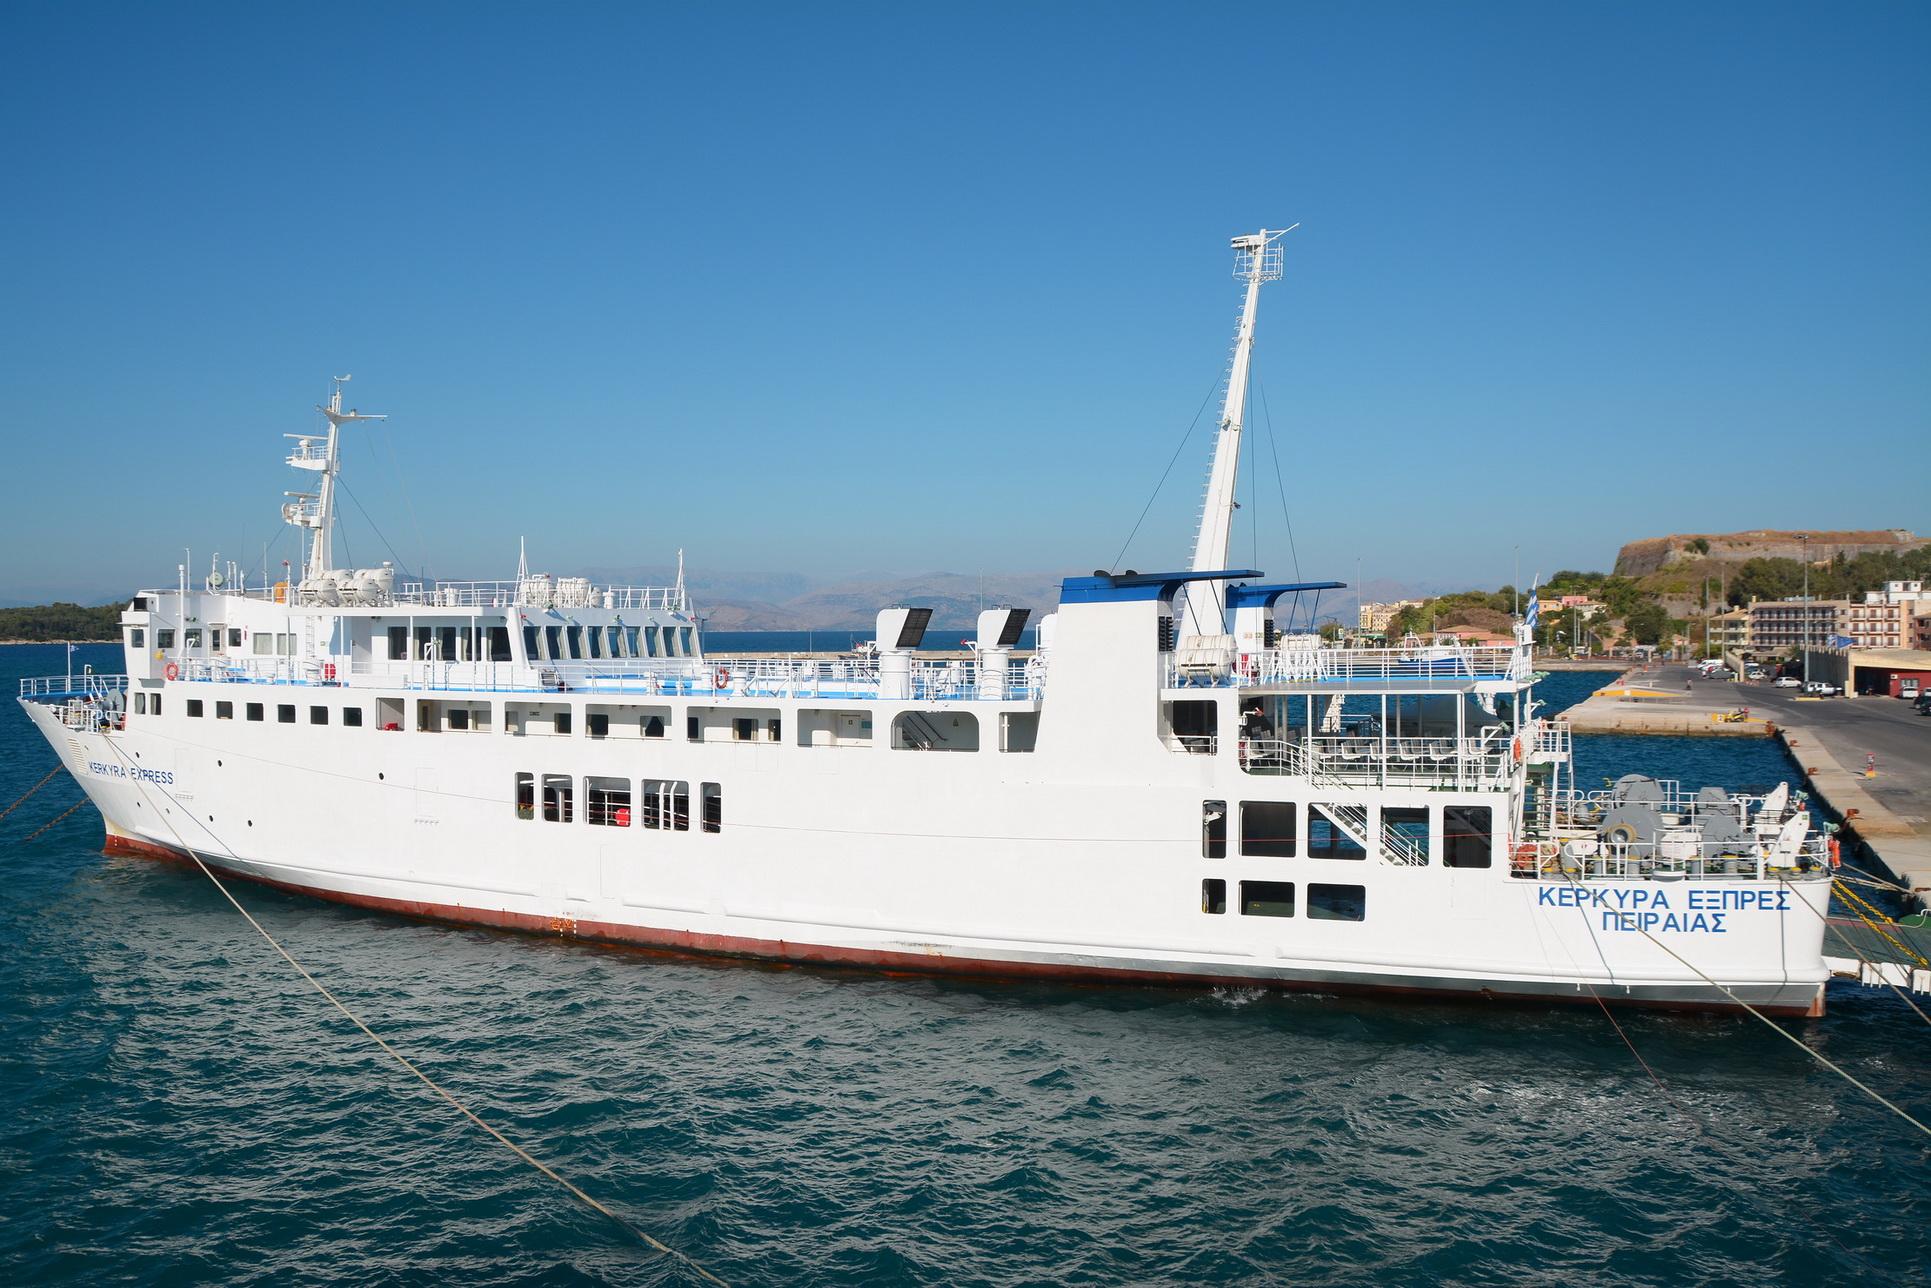 Kerkyra Express 24 08 15 Corfu 2